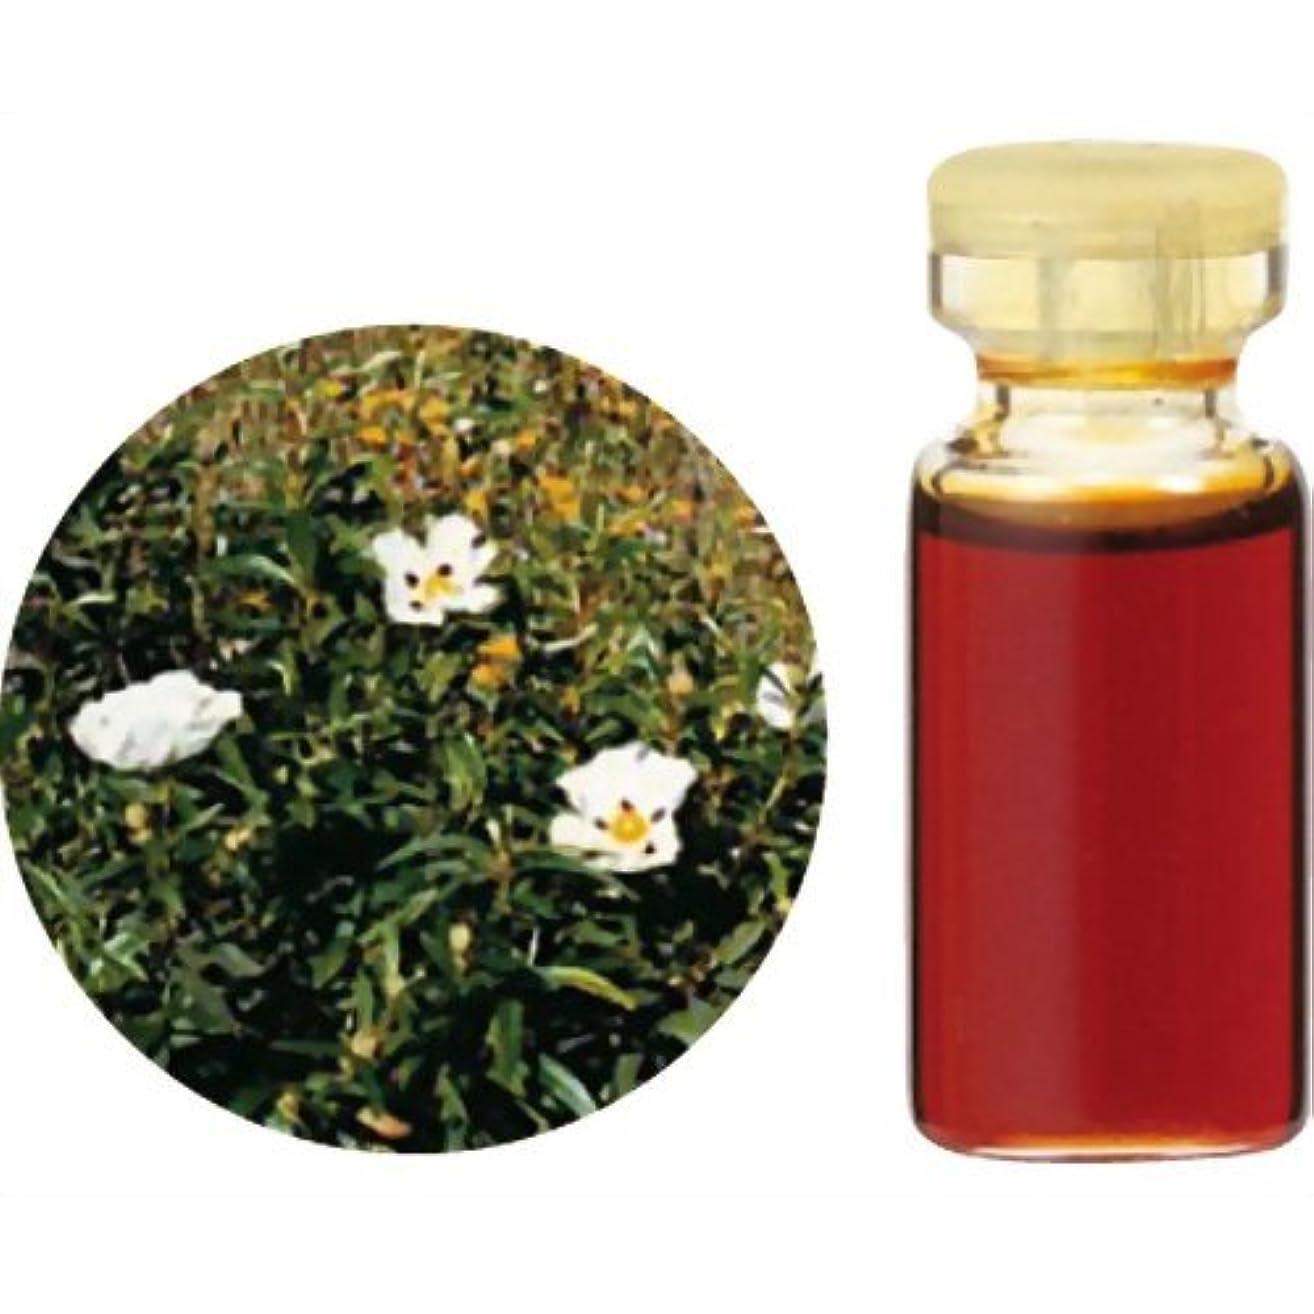 フィードオン運賃コレクション生活の木 Herbal Life レアバリューオイル シストローズ(ロックローズ) 3ml